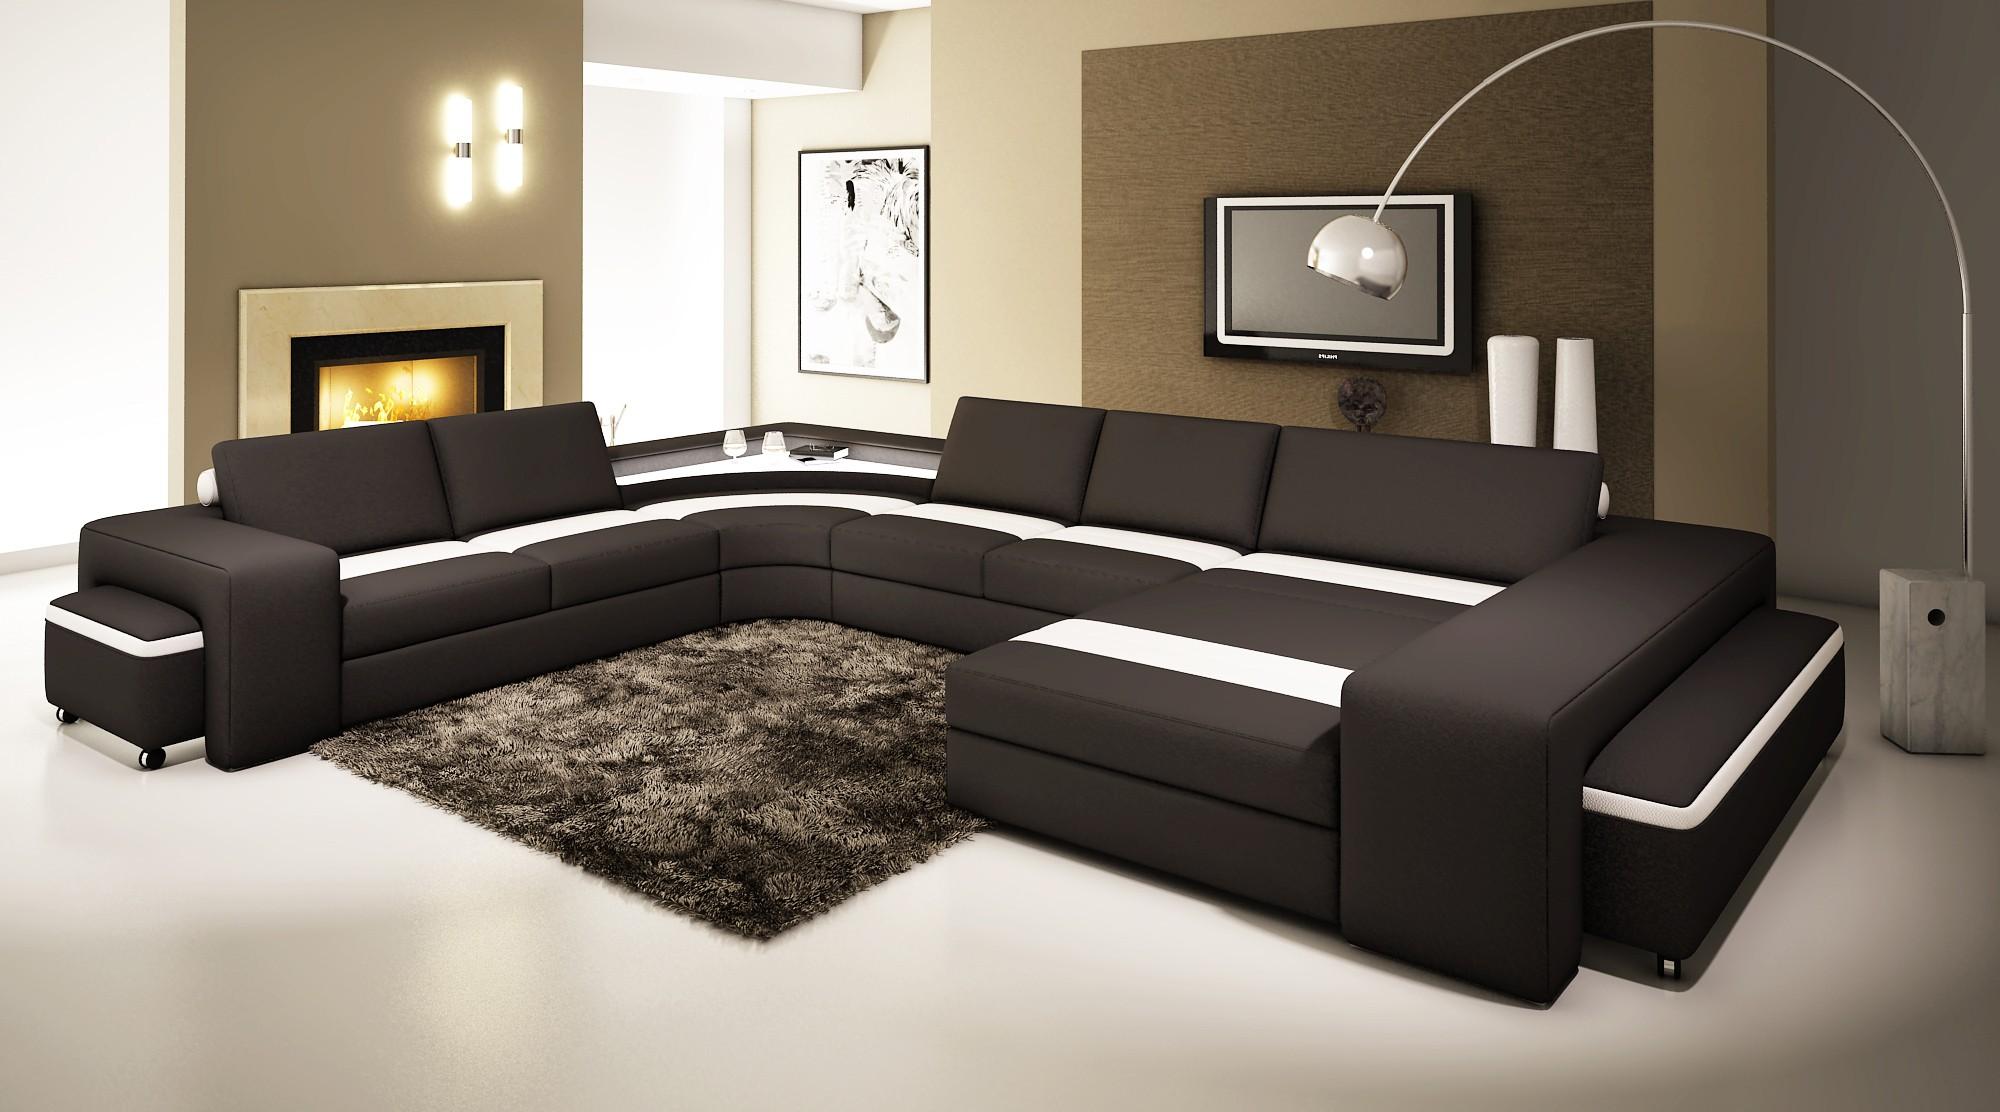 Шикарный мягкий угловой диван в интерьере